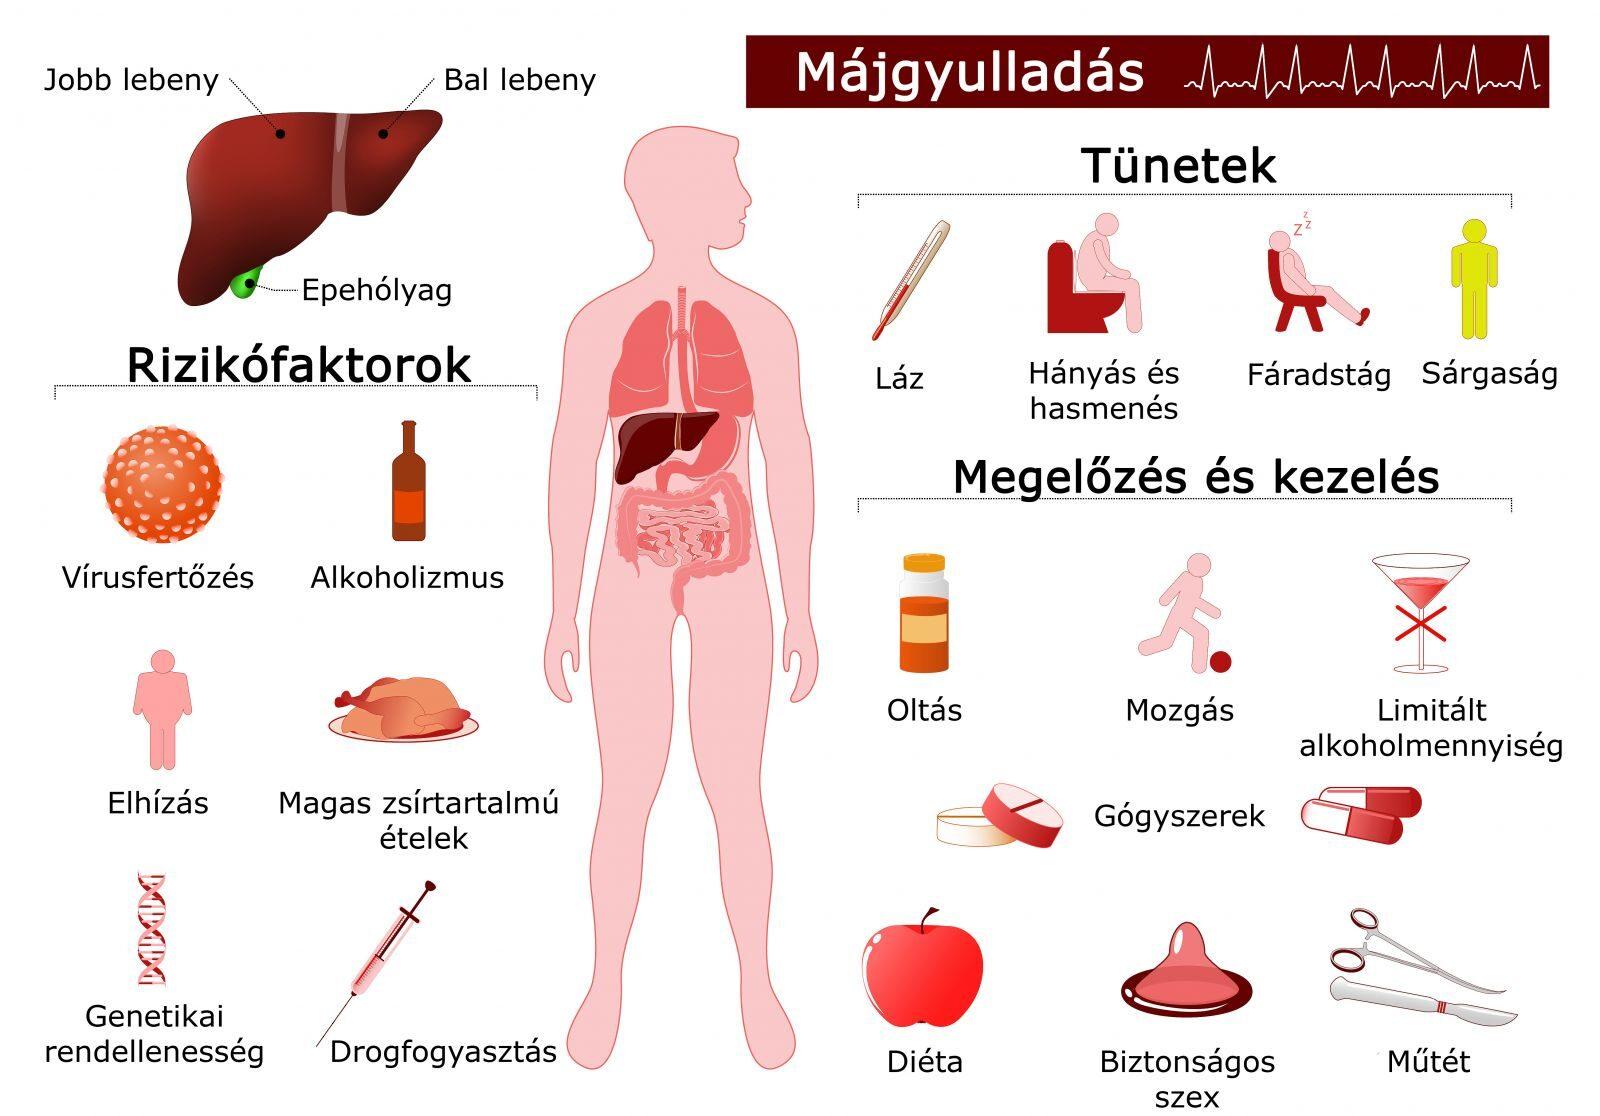 hepatitis ízületi fájdalommal)